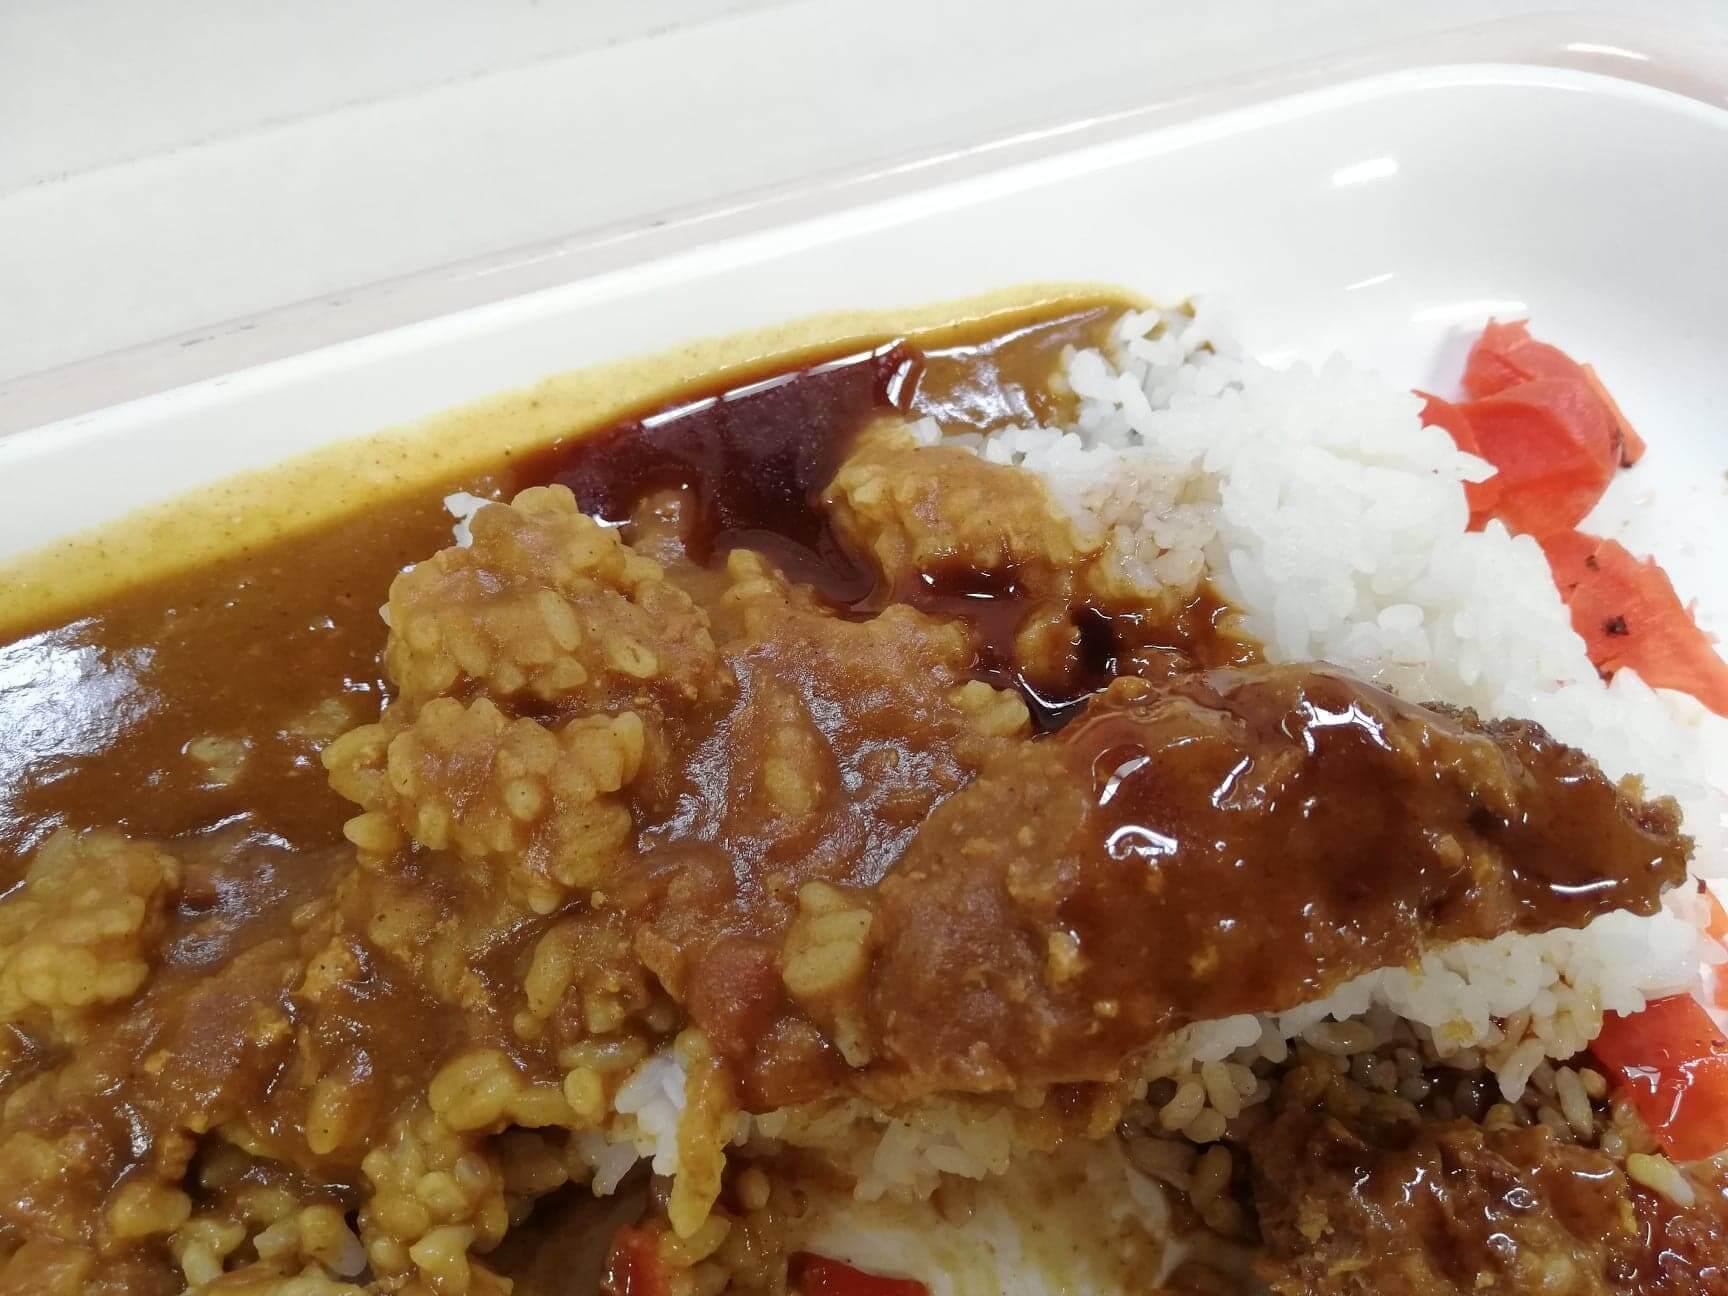 練馬区役所の職員レストランの『メガカツカレー』にソースをかけた写真